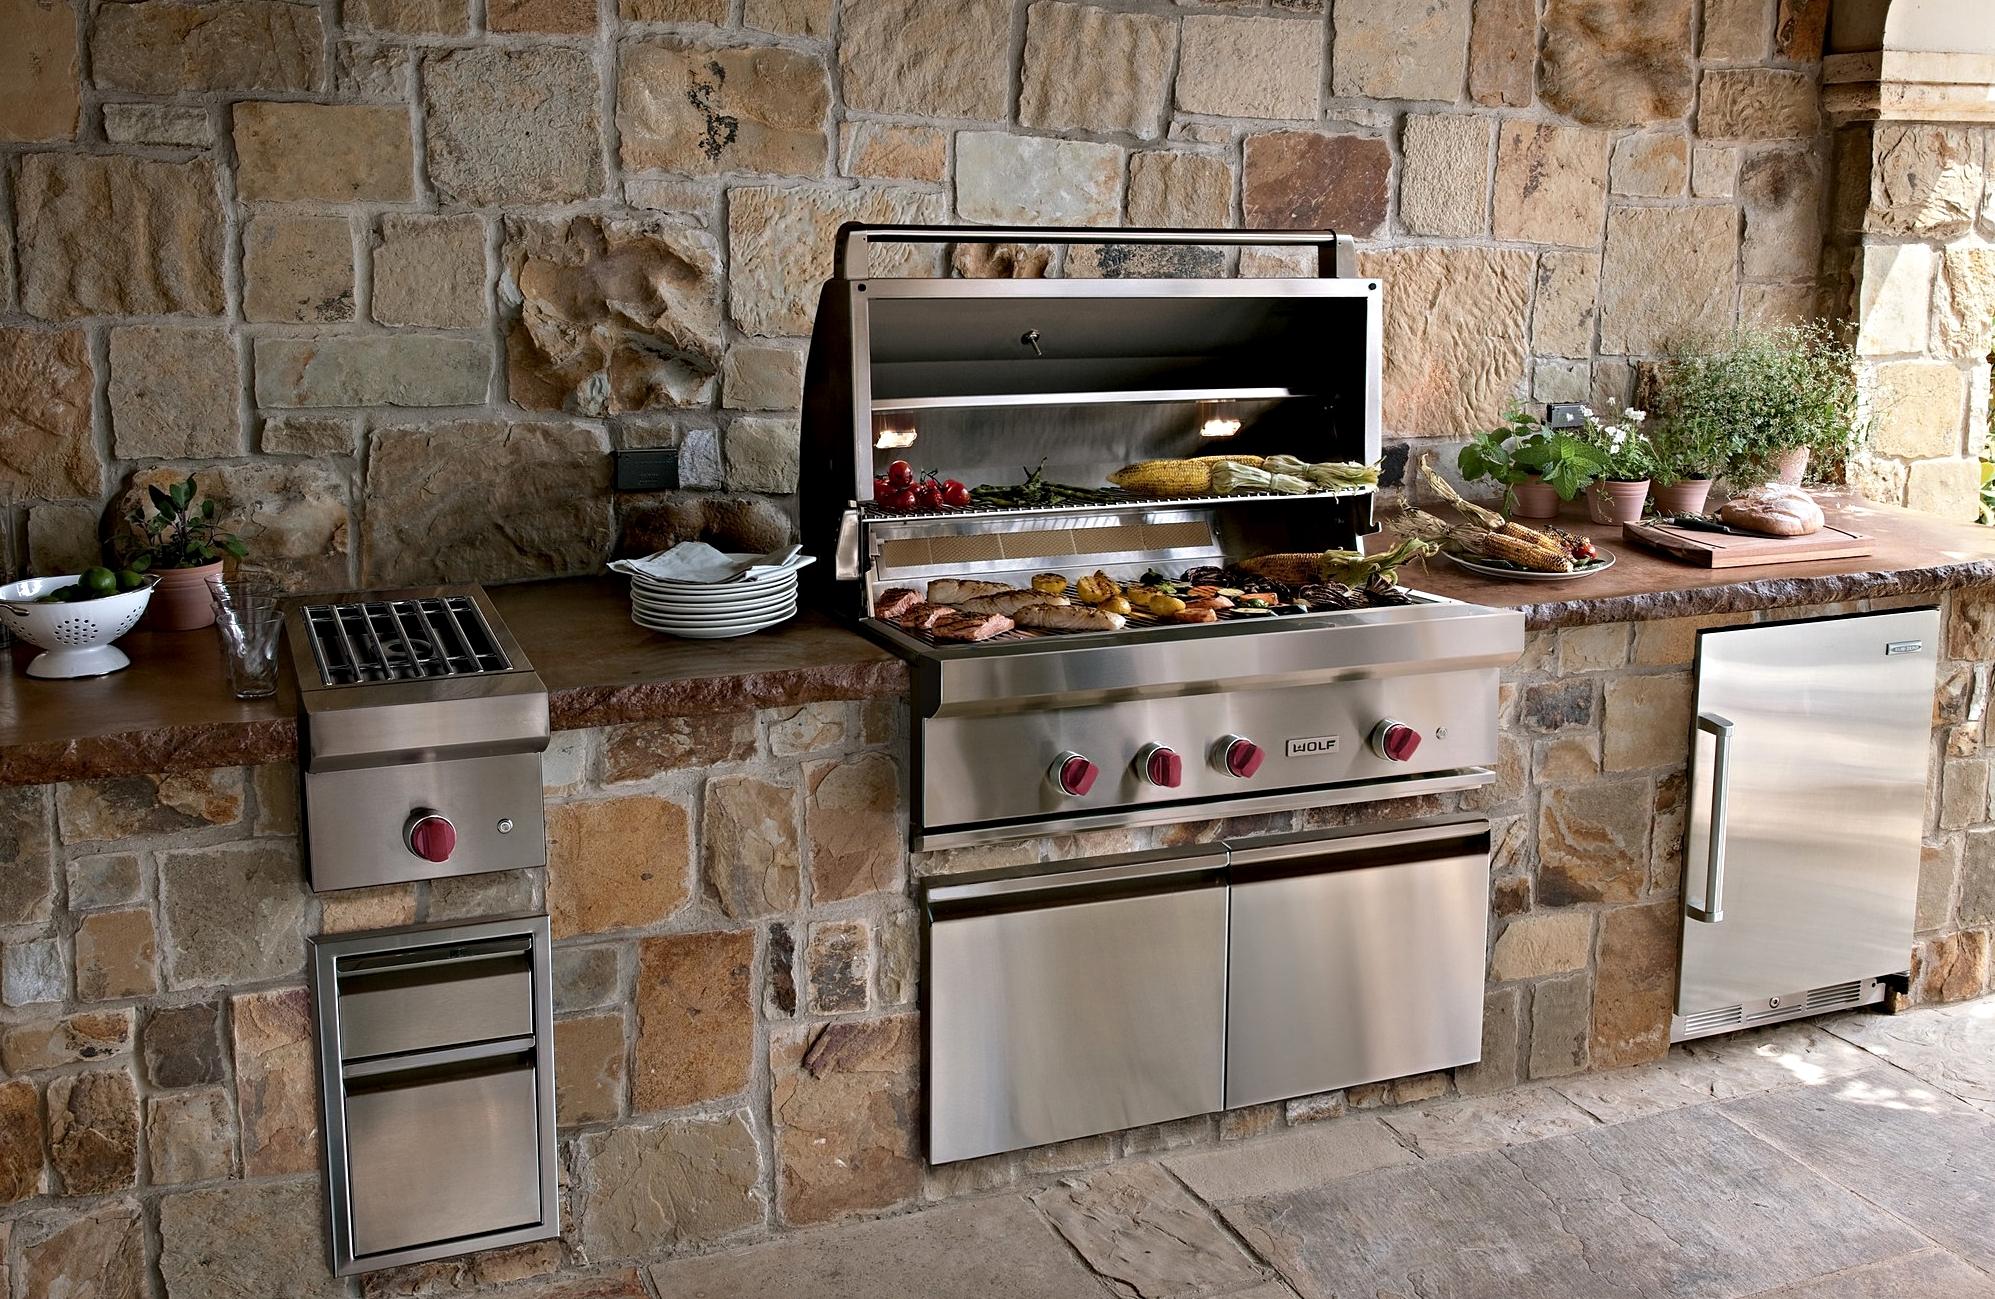 Outdoor kitchen appliances | Hawk Haven